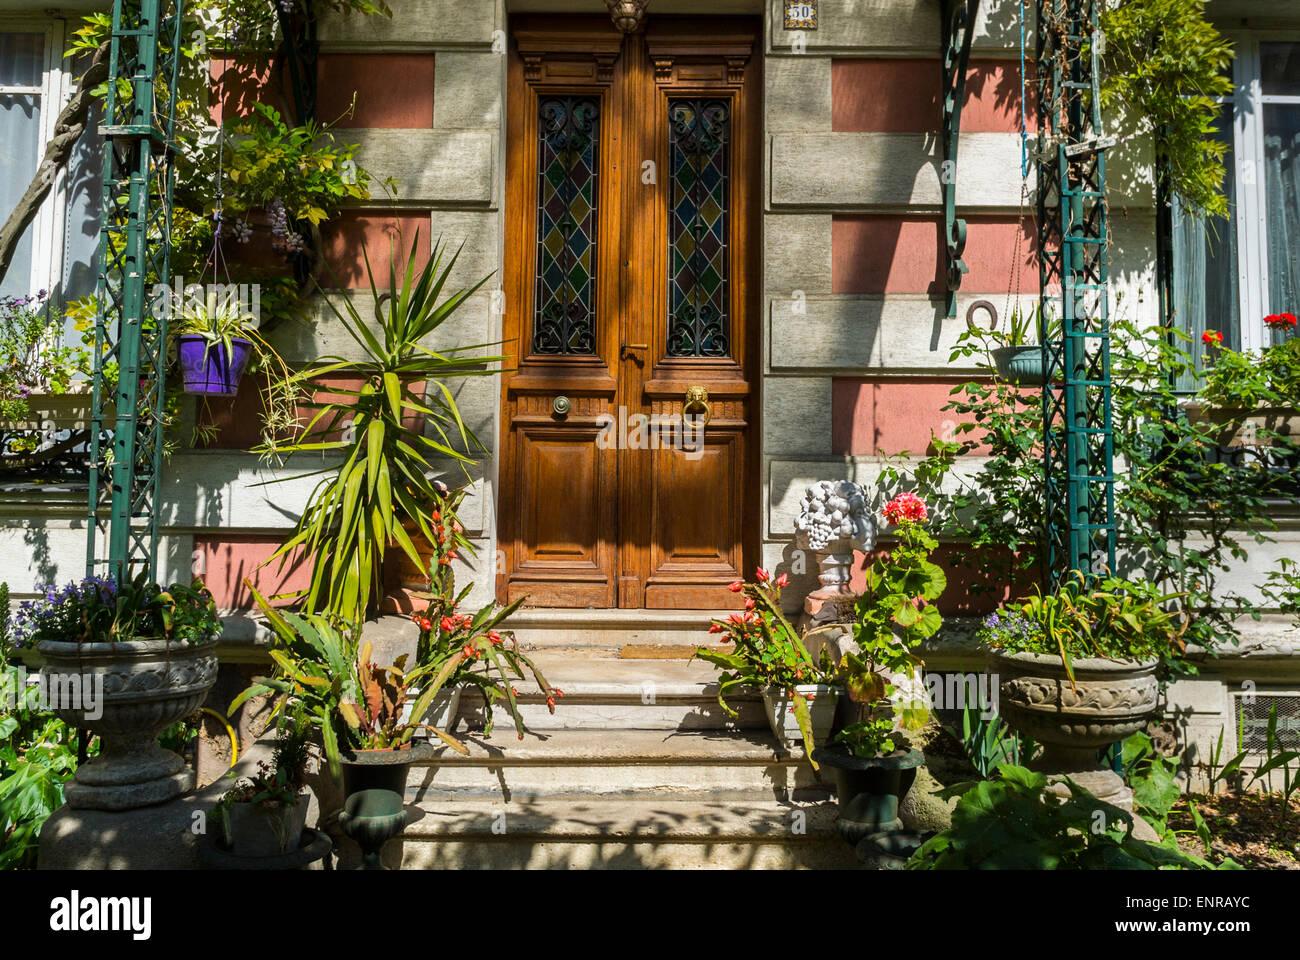 Paris, Frankreich, Charenton-le-Pont, Vororte, Detail, Tür zu privaten Haus, Immobilien, Wohnhäuser Stockbild